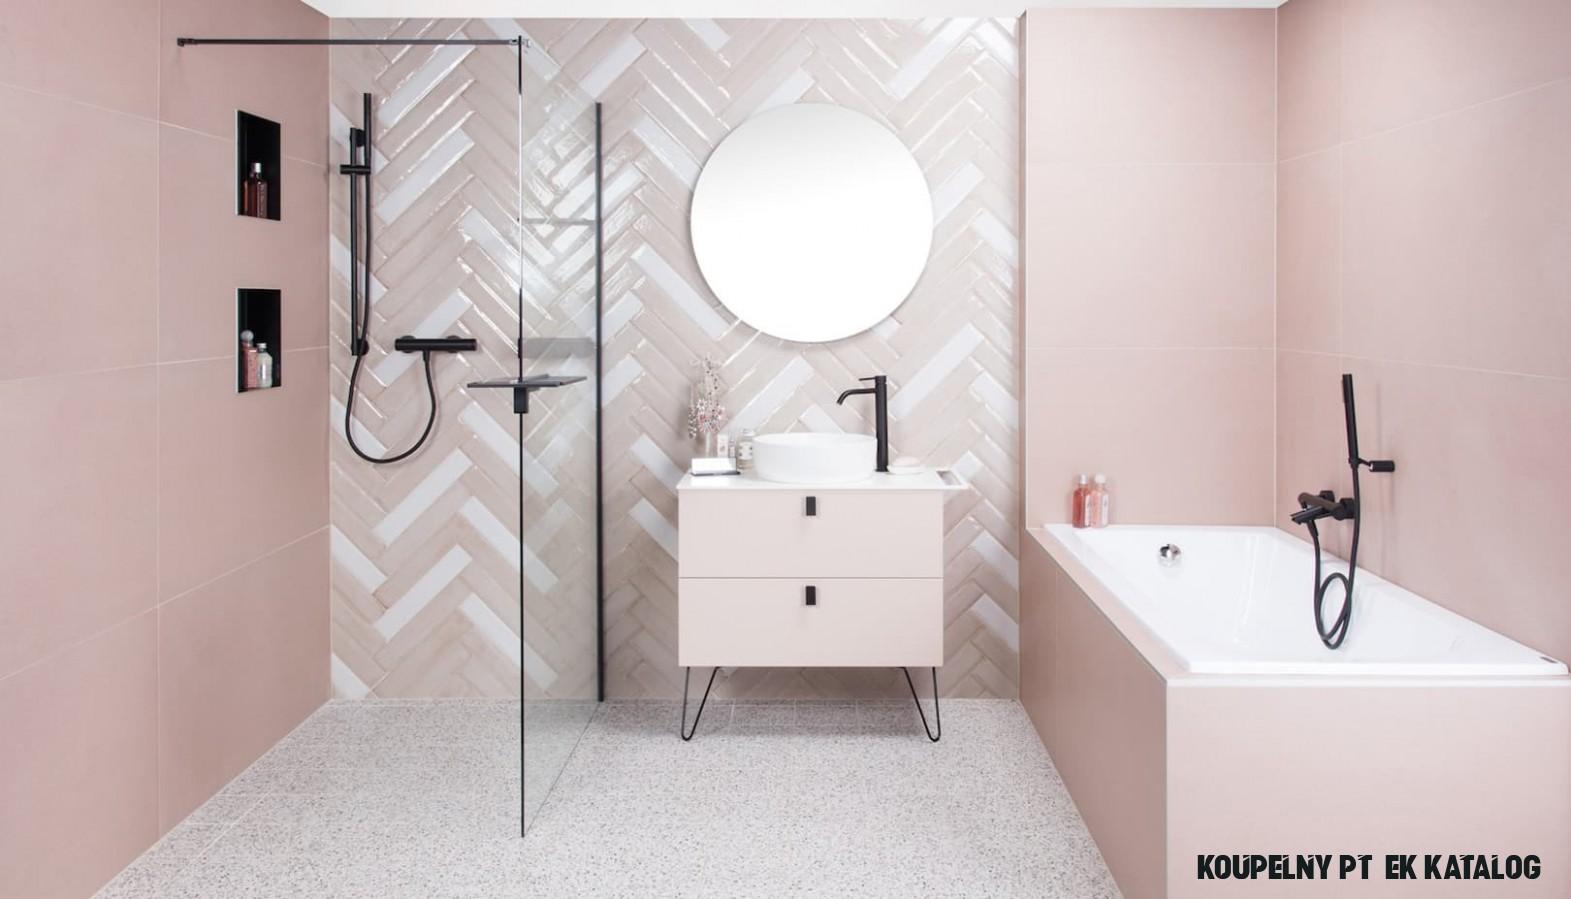 Stylové koupelny a jejich vybavení  SIKO